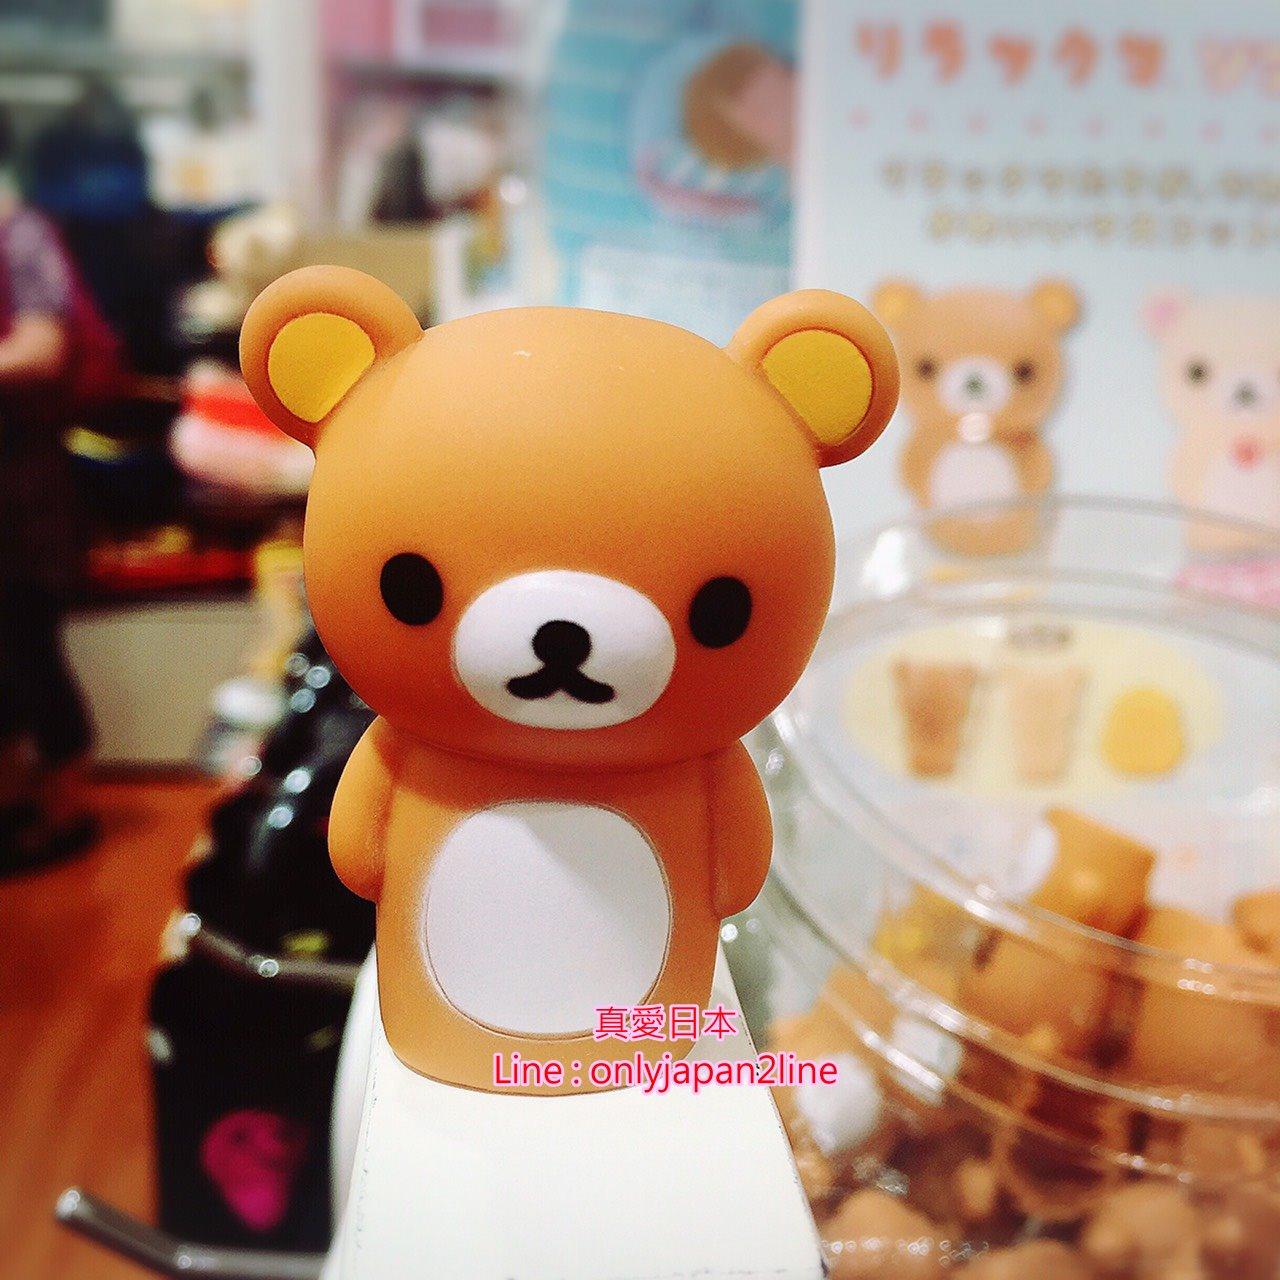 【真愛日本】 16091400022 日本製專賣店限定指套娃娃-懶熊    SAN-X 懶熊  奶熊 拉拉熊 公仔 擺飾 收藏品 日本